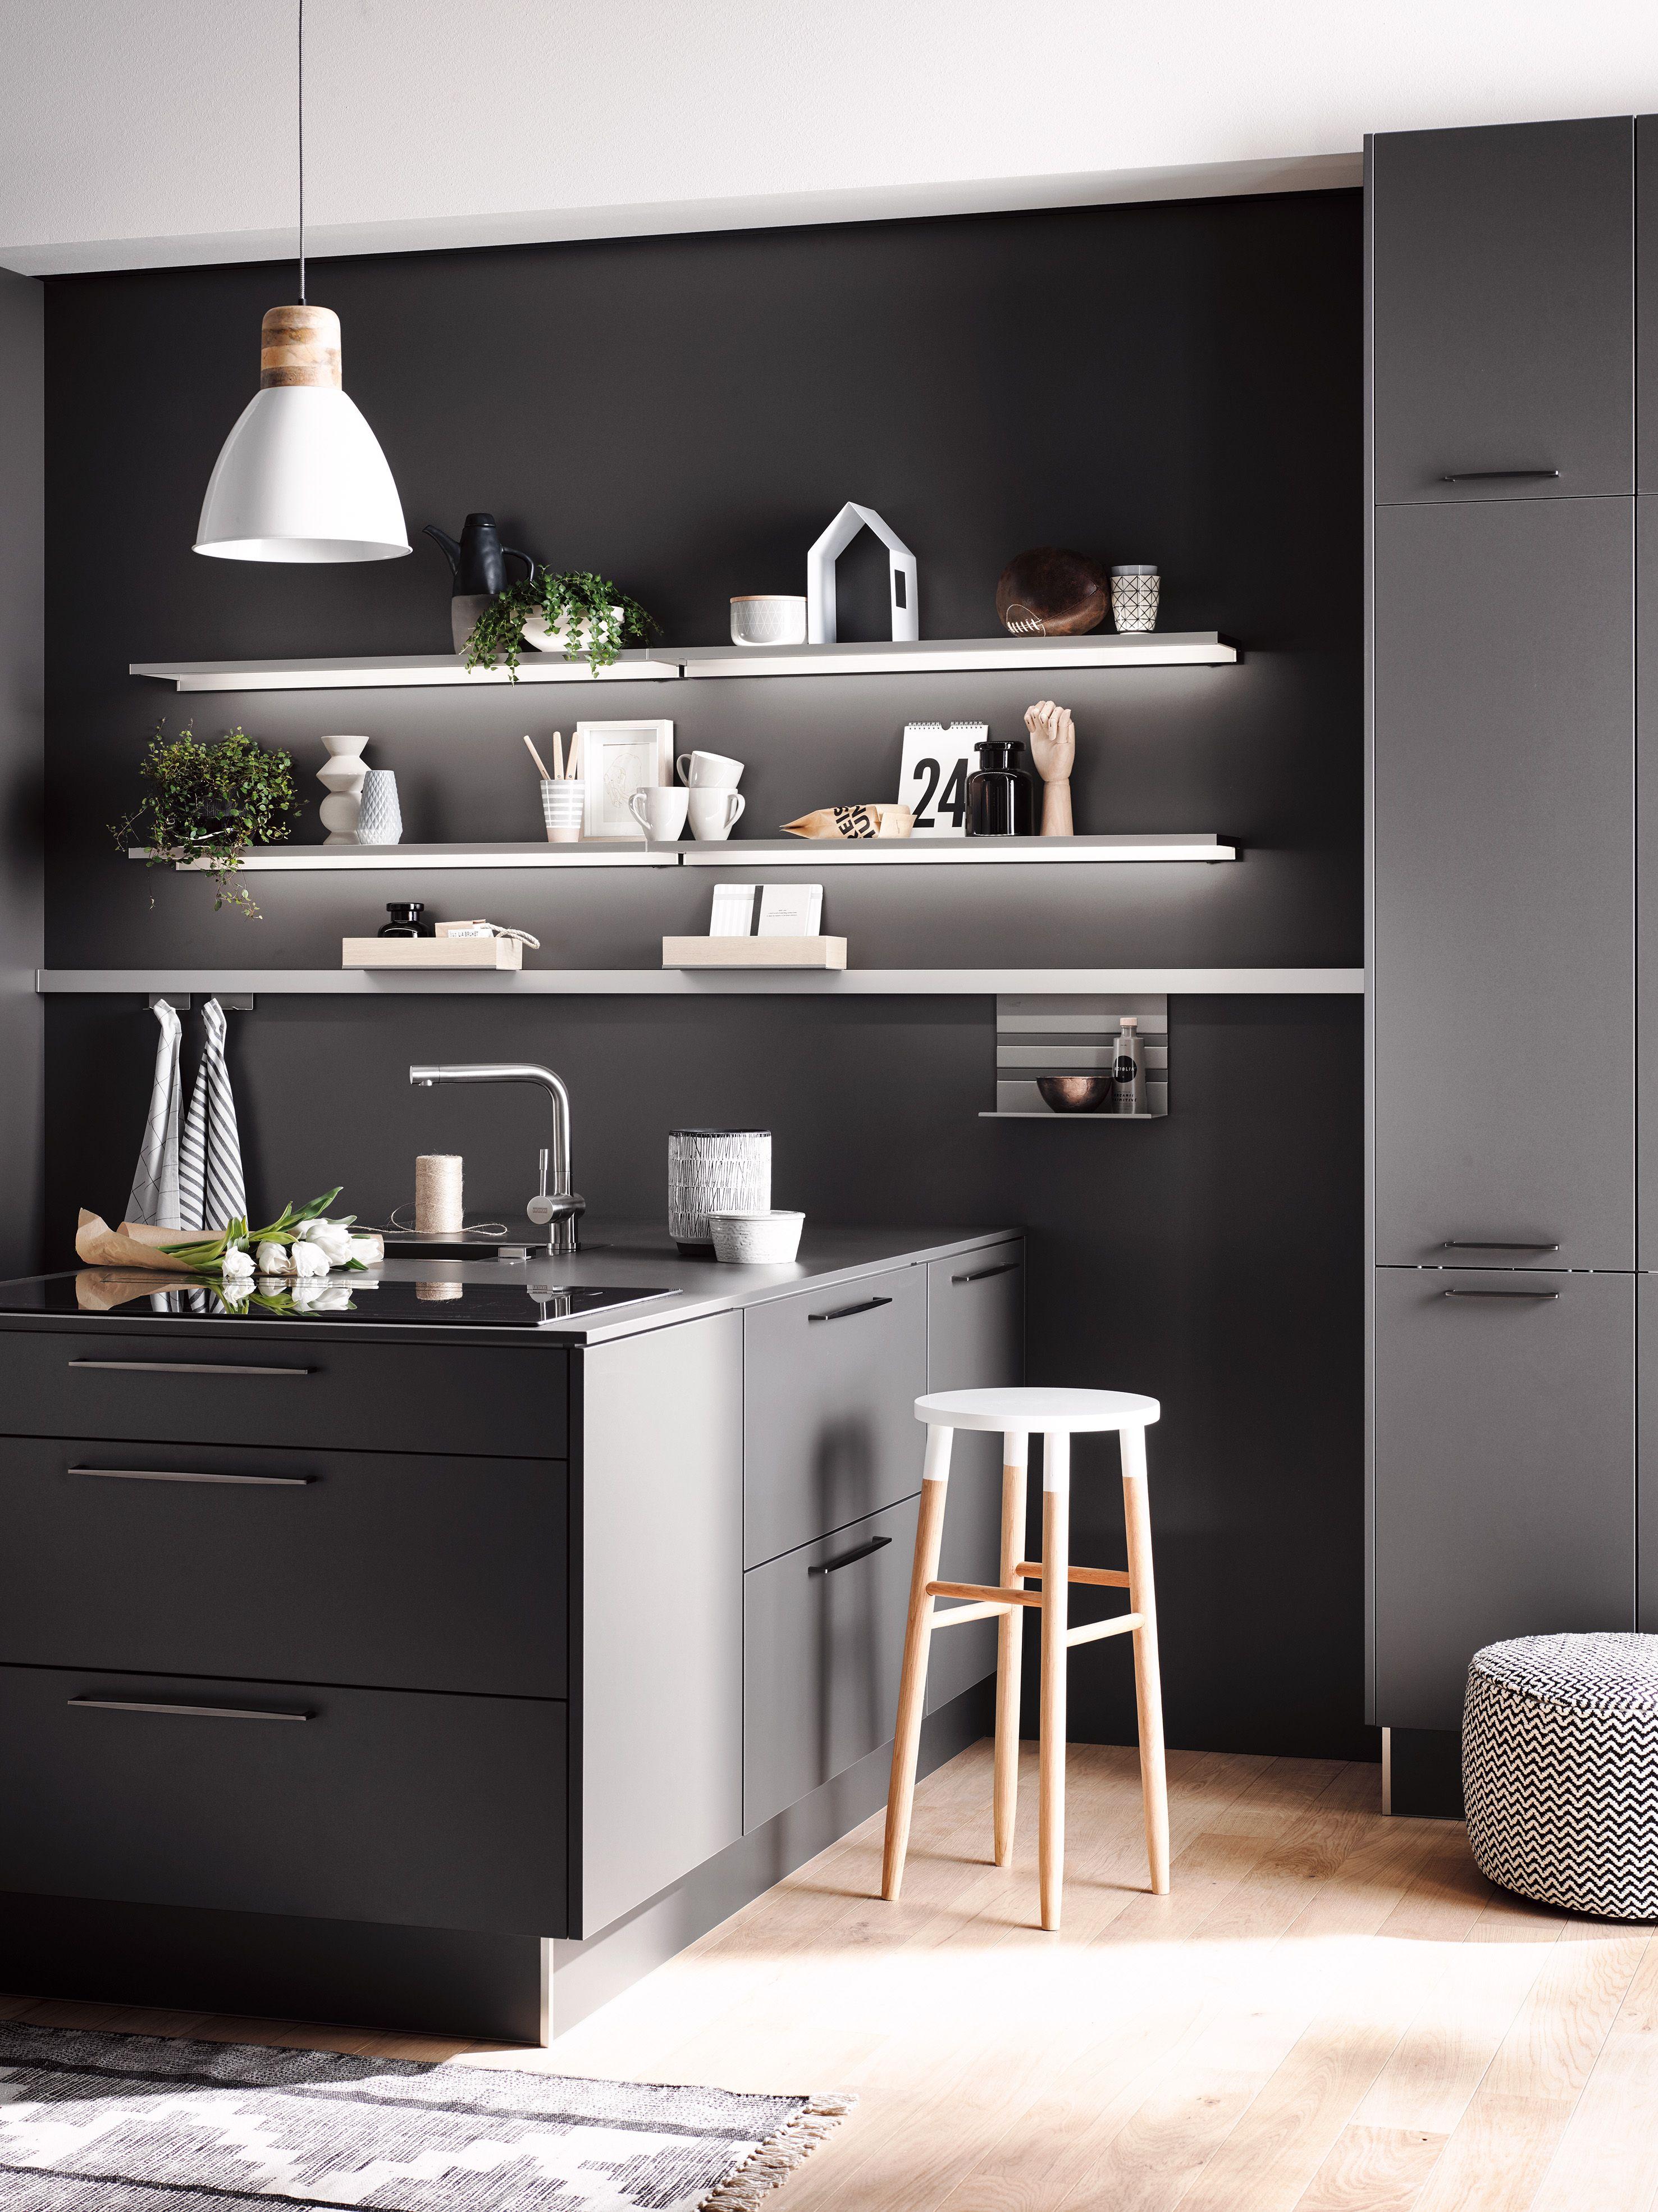 Küchenideen offen keuken inspiratie  dsmkeukens  volg ons ook op facebook